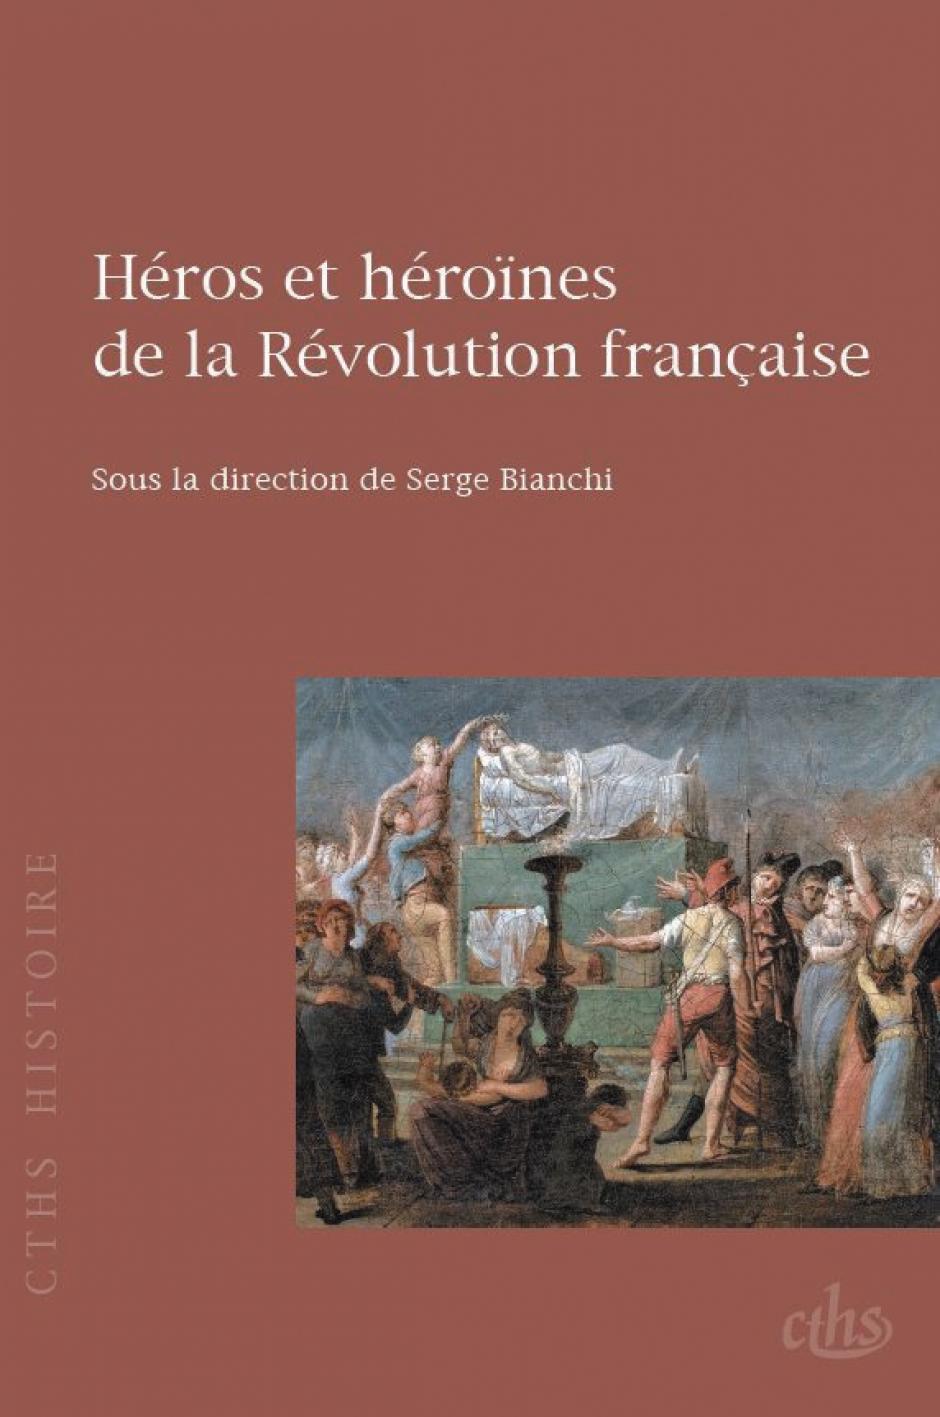 Héros et héroïnes de la Révolution française, Serge Bianchi